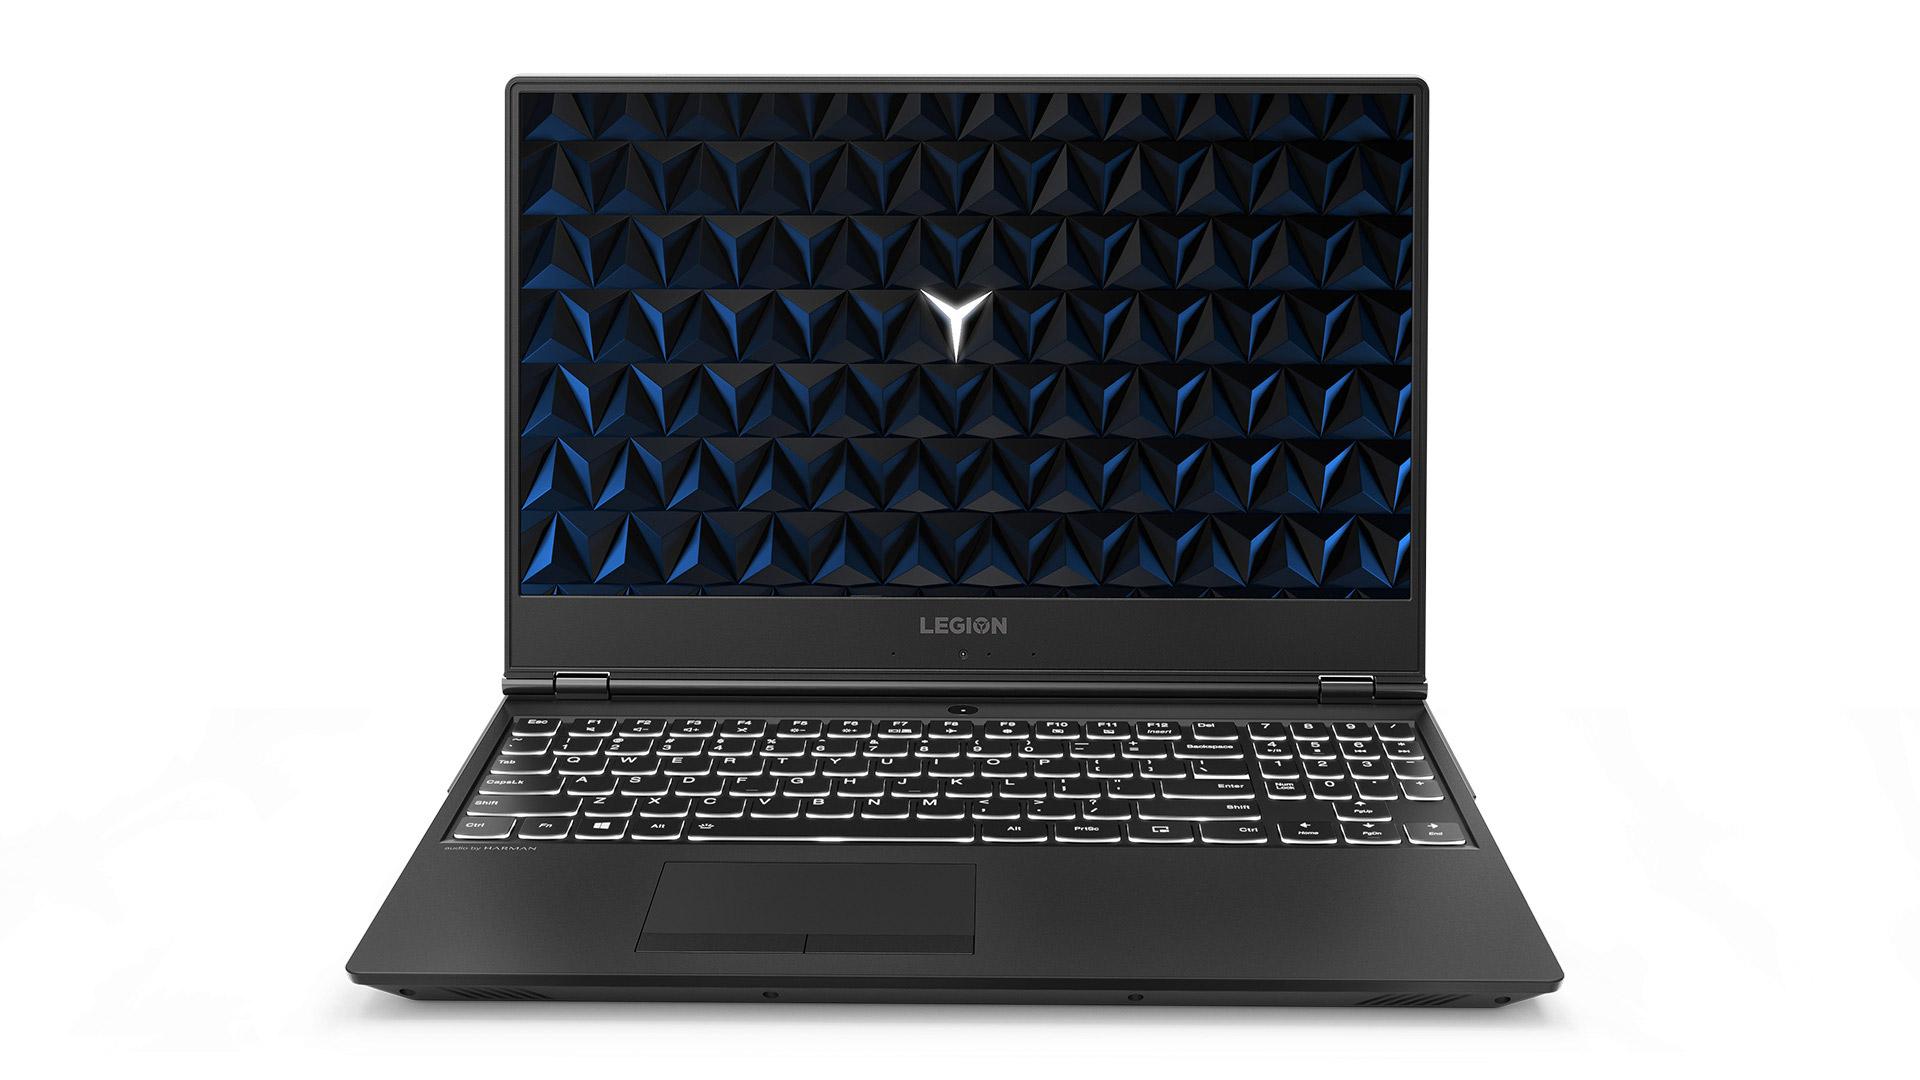 Nové herní notebooky Lenovo Legion Y530 - dospělejší a výkonnější ilustrace 4 lenovo legion y530